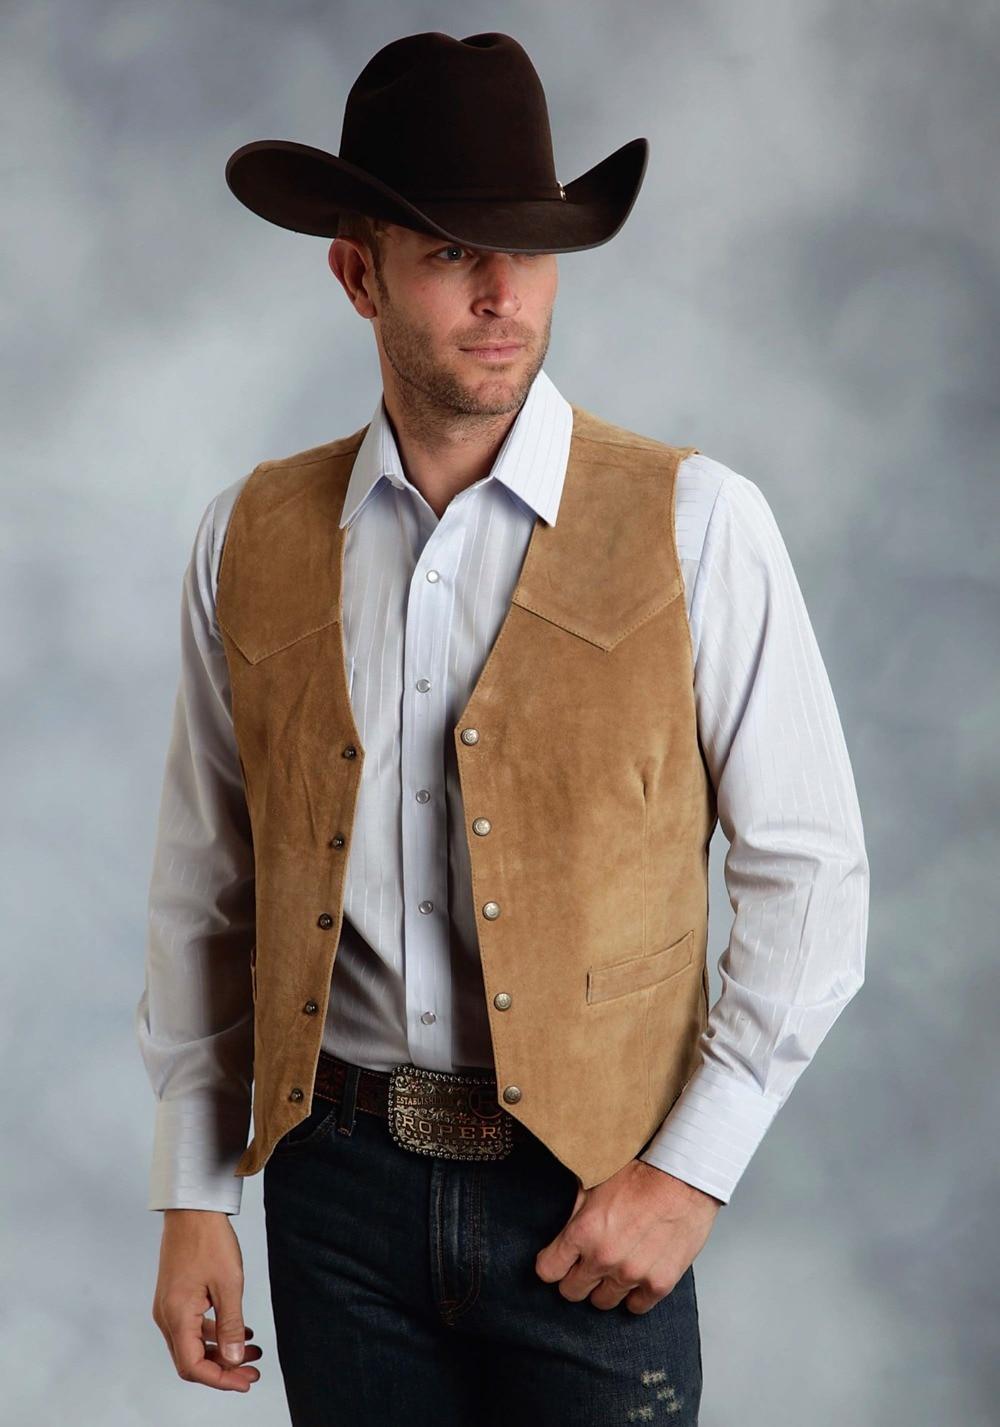 Men's Vest Vintage Cowboy Style Waistcoats For Young Weste Men Casual Tuxedo Vest Kamizelki Meskie Plus Szie Custom